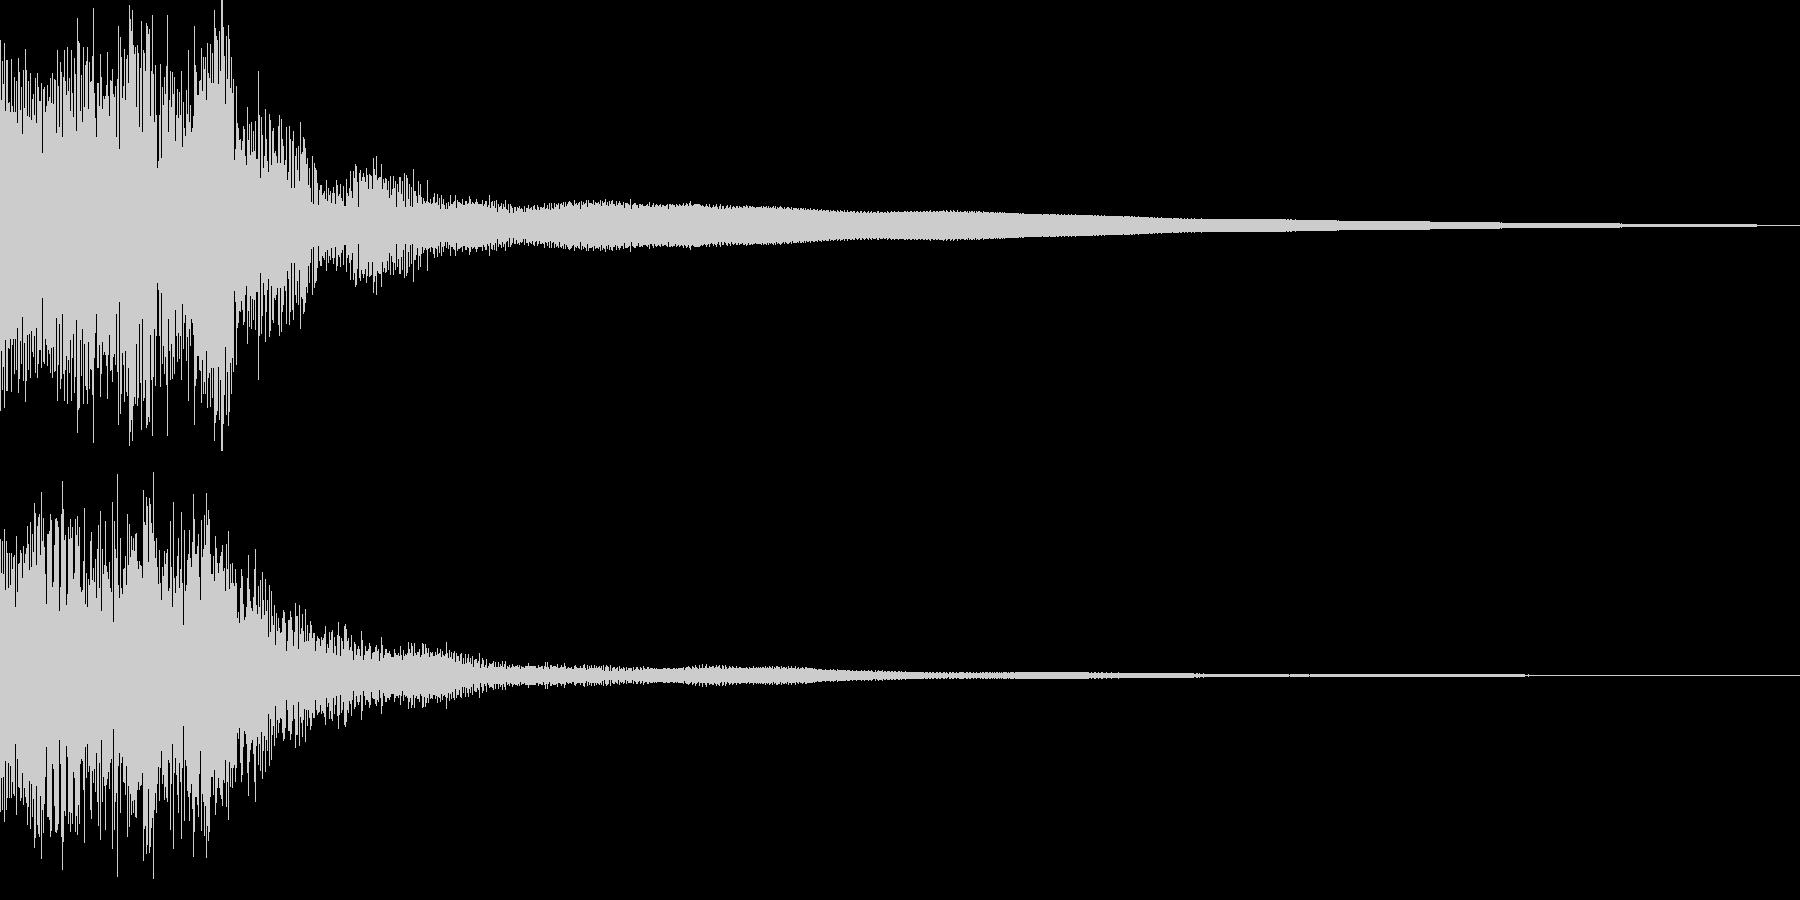 カジノスロット定番トップシンボル音2の未再生の波形